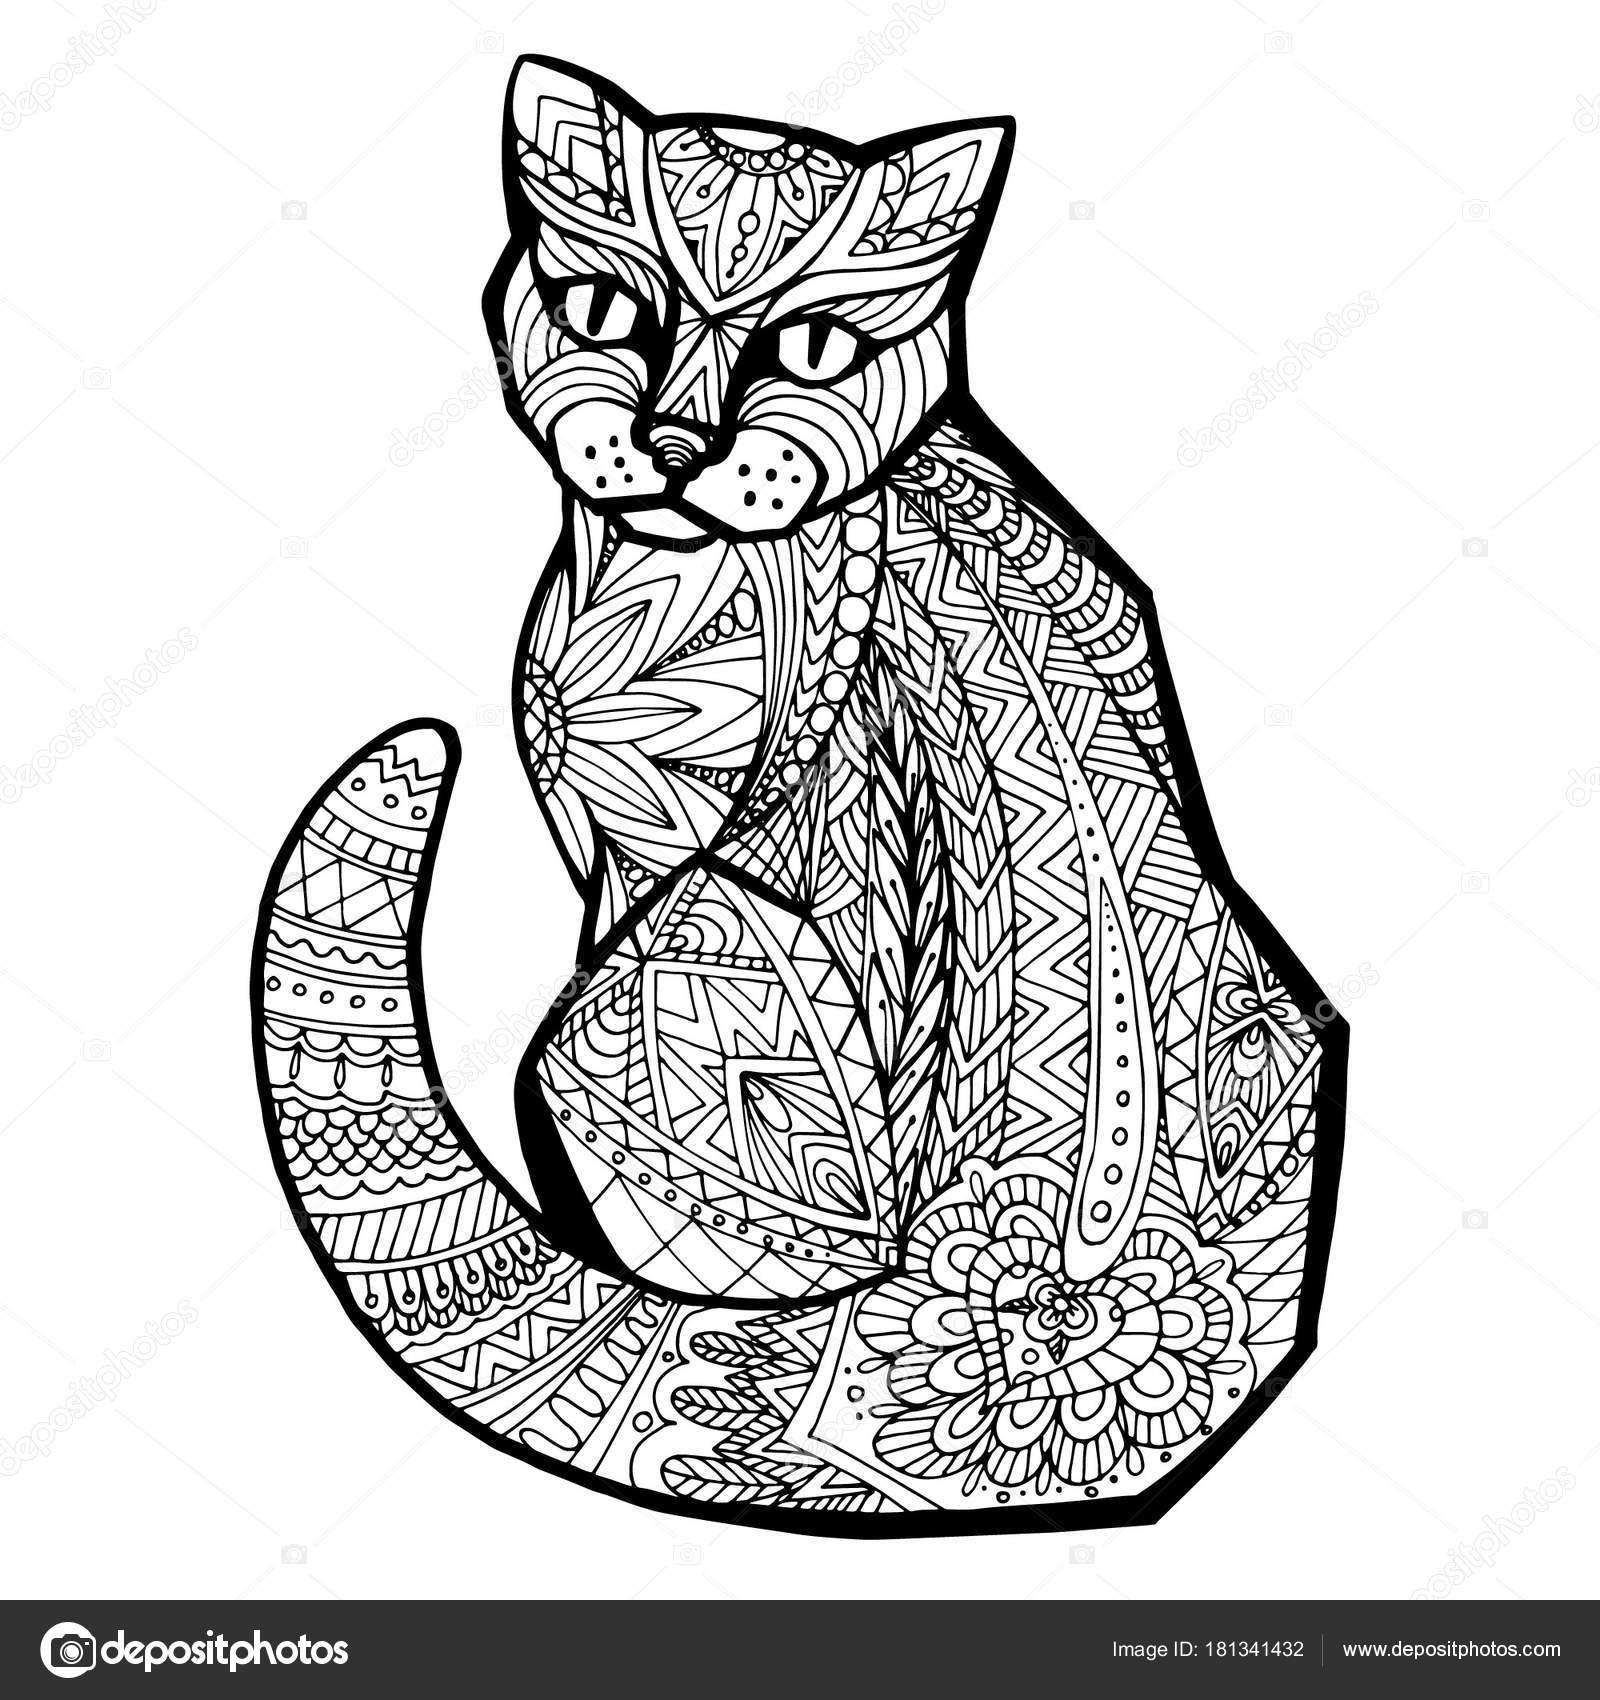 Elle çizilmiş Vektör Doodle Kedi Zentangle Tasarım Boyama Sayfası